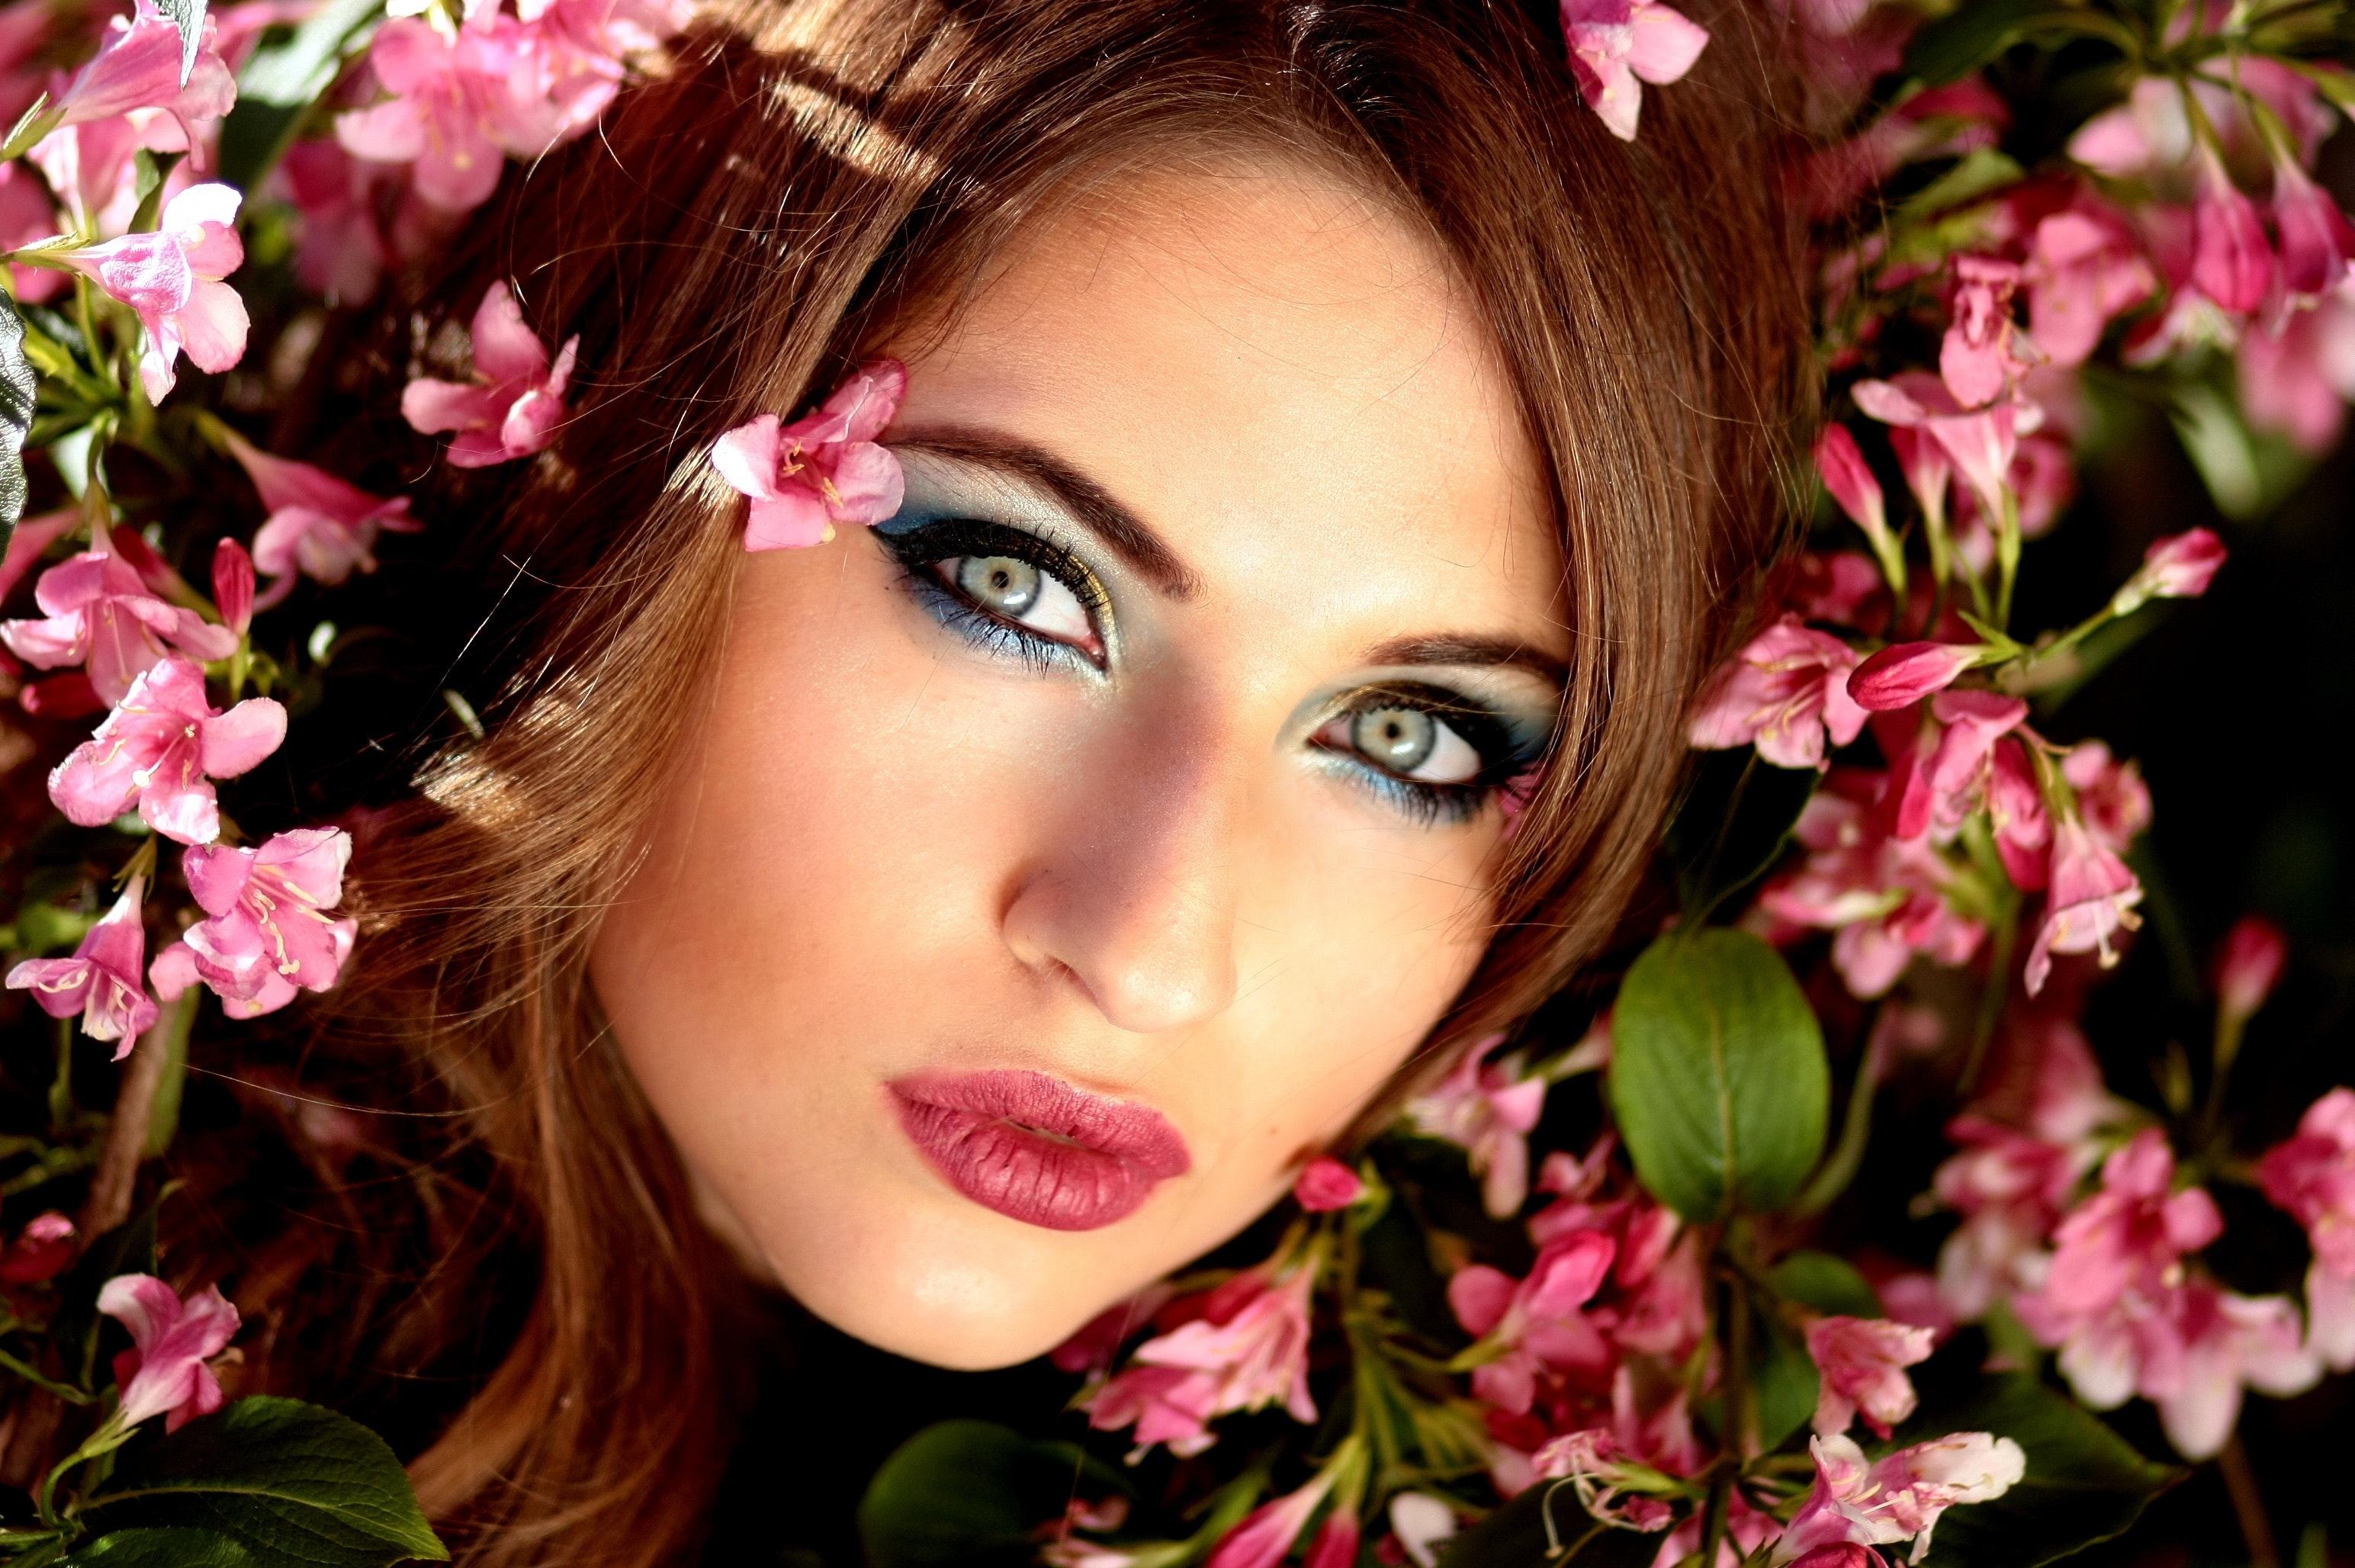 Woman wearing red lipstick photo